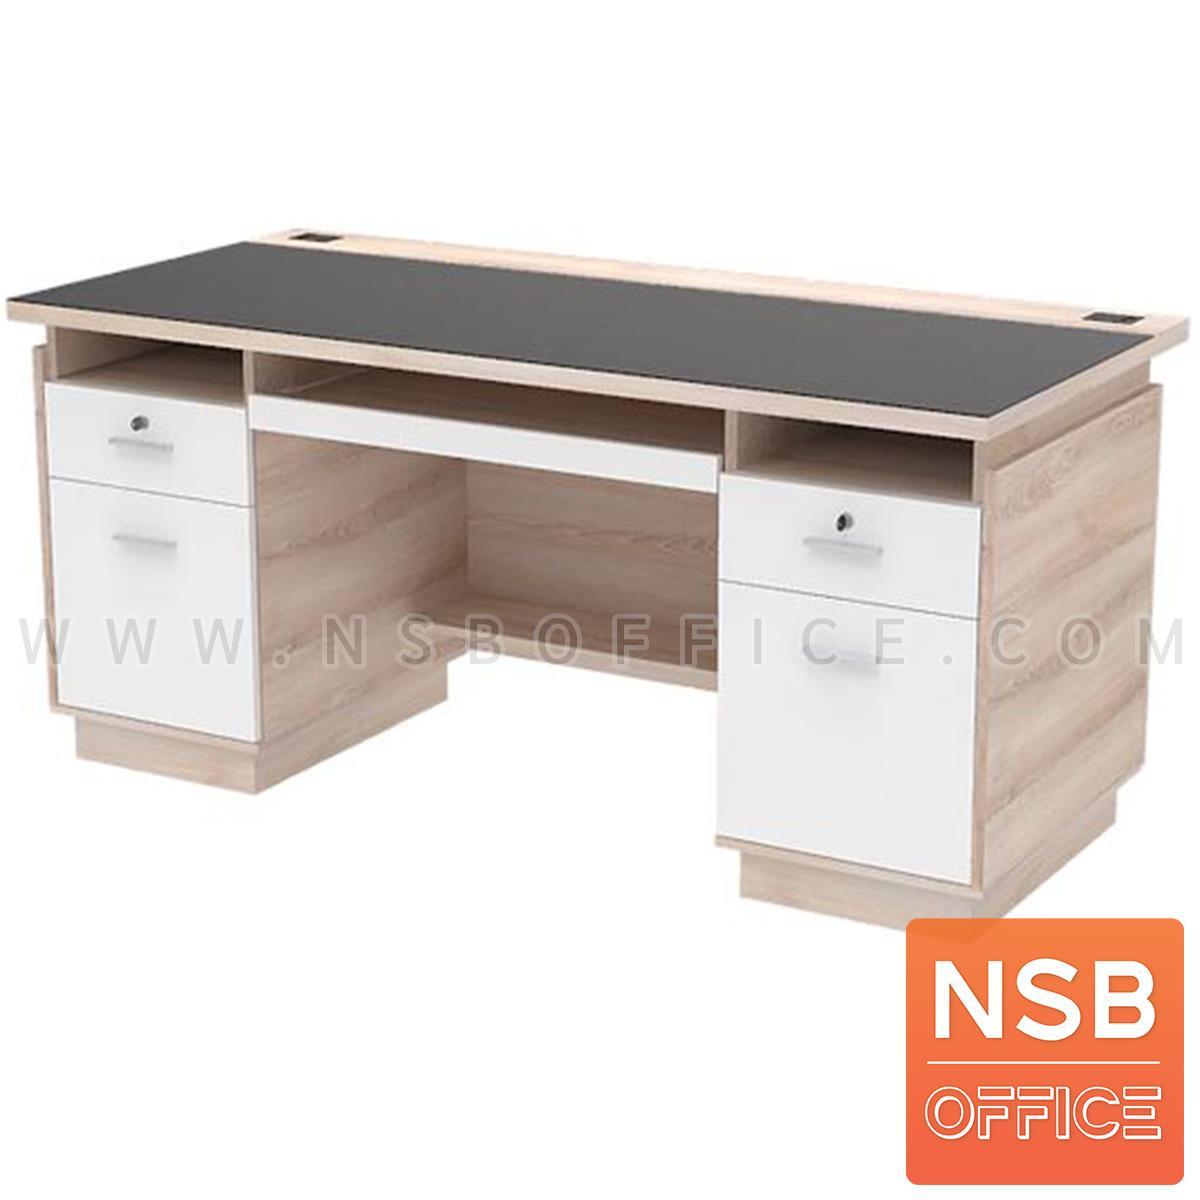 A13A216:โต๊ะทำงานไม้ 2 ลิ้นชัก 2 บานเปิด รุ่น Tiffar (ทิฟฟาร์) ขนาด 160W*75D cm. ท็อปกระจกสีชา พร้อมรางคีย์บอร์ด